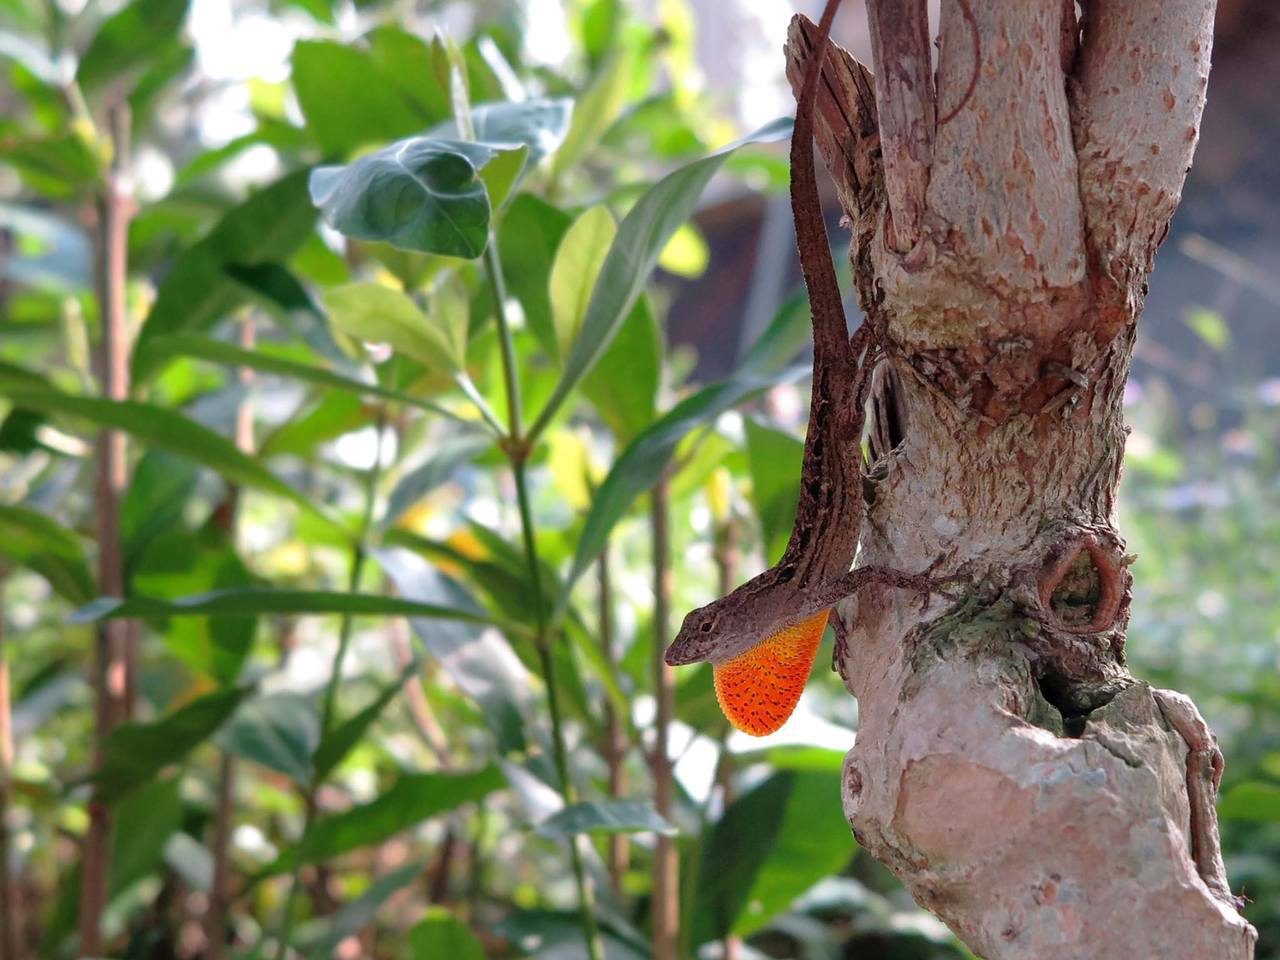 沙氏變色蜥有紅色喉囊。圖/嘉義林區管理處提供